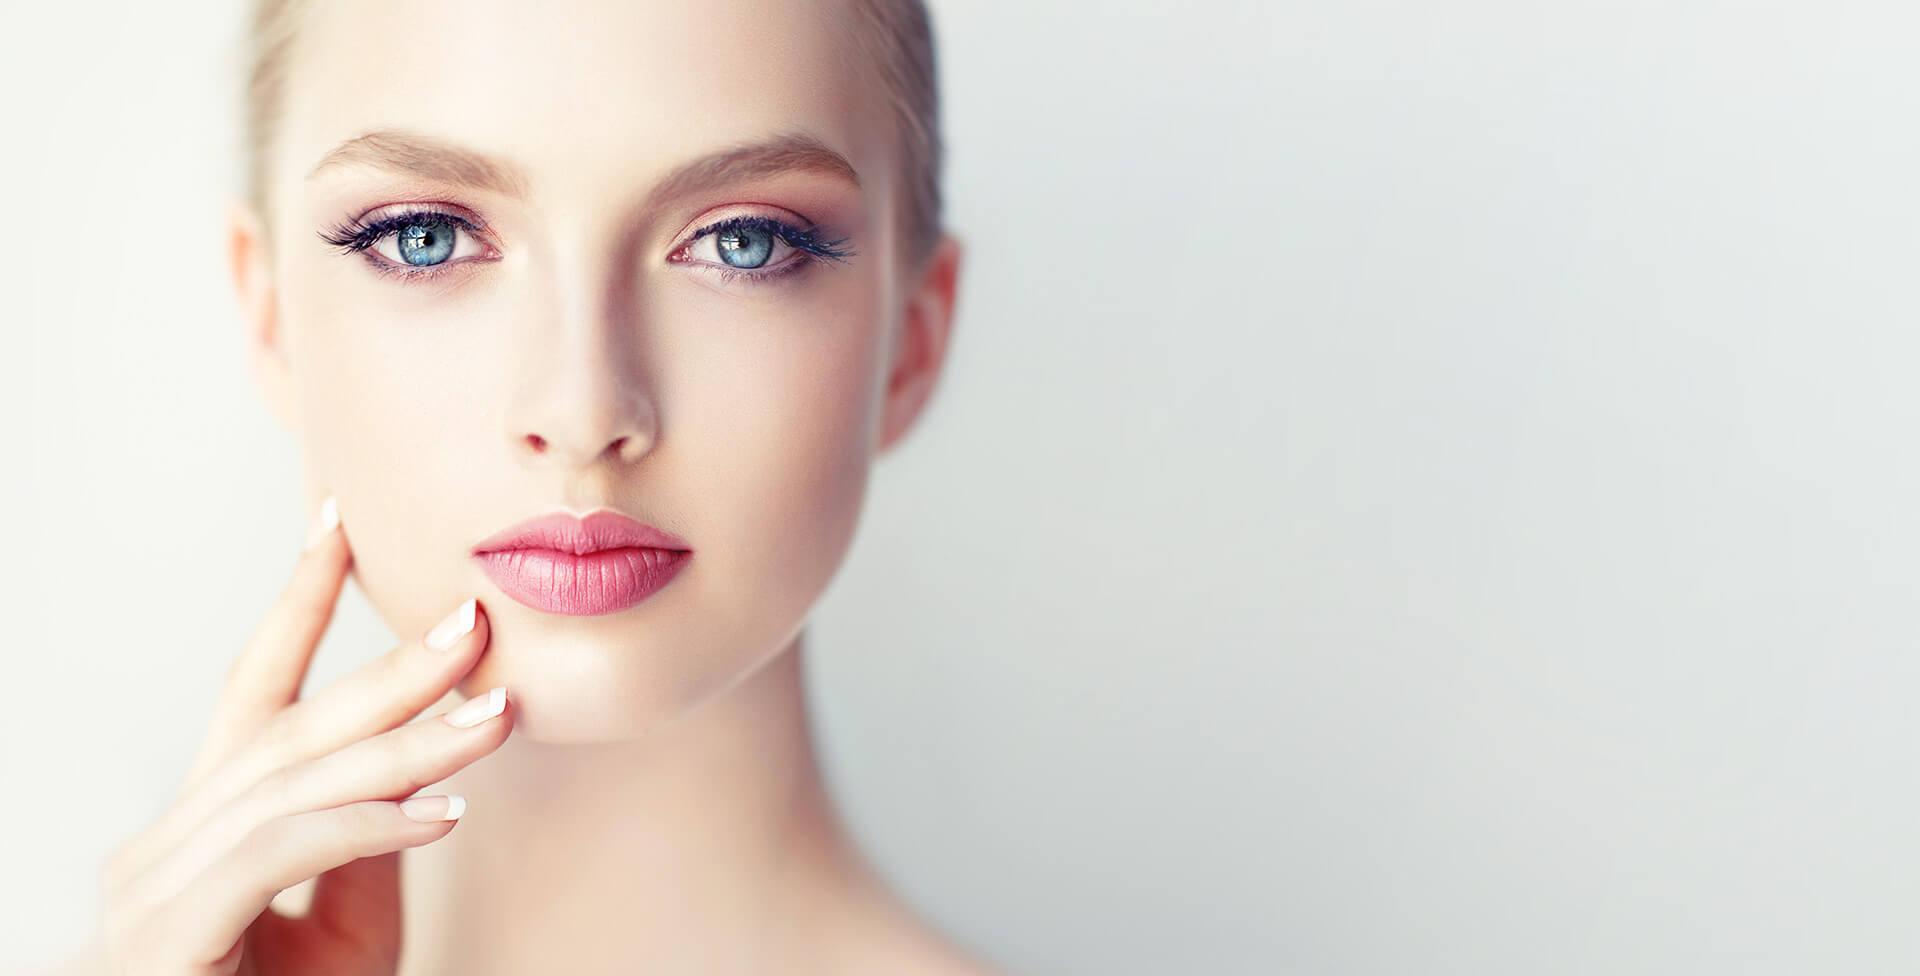 راه هایی برای داشتن پوستی براق و حیرت انگیز